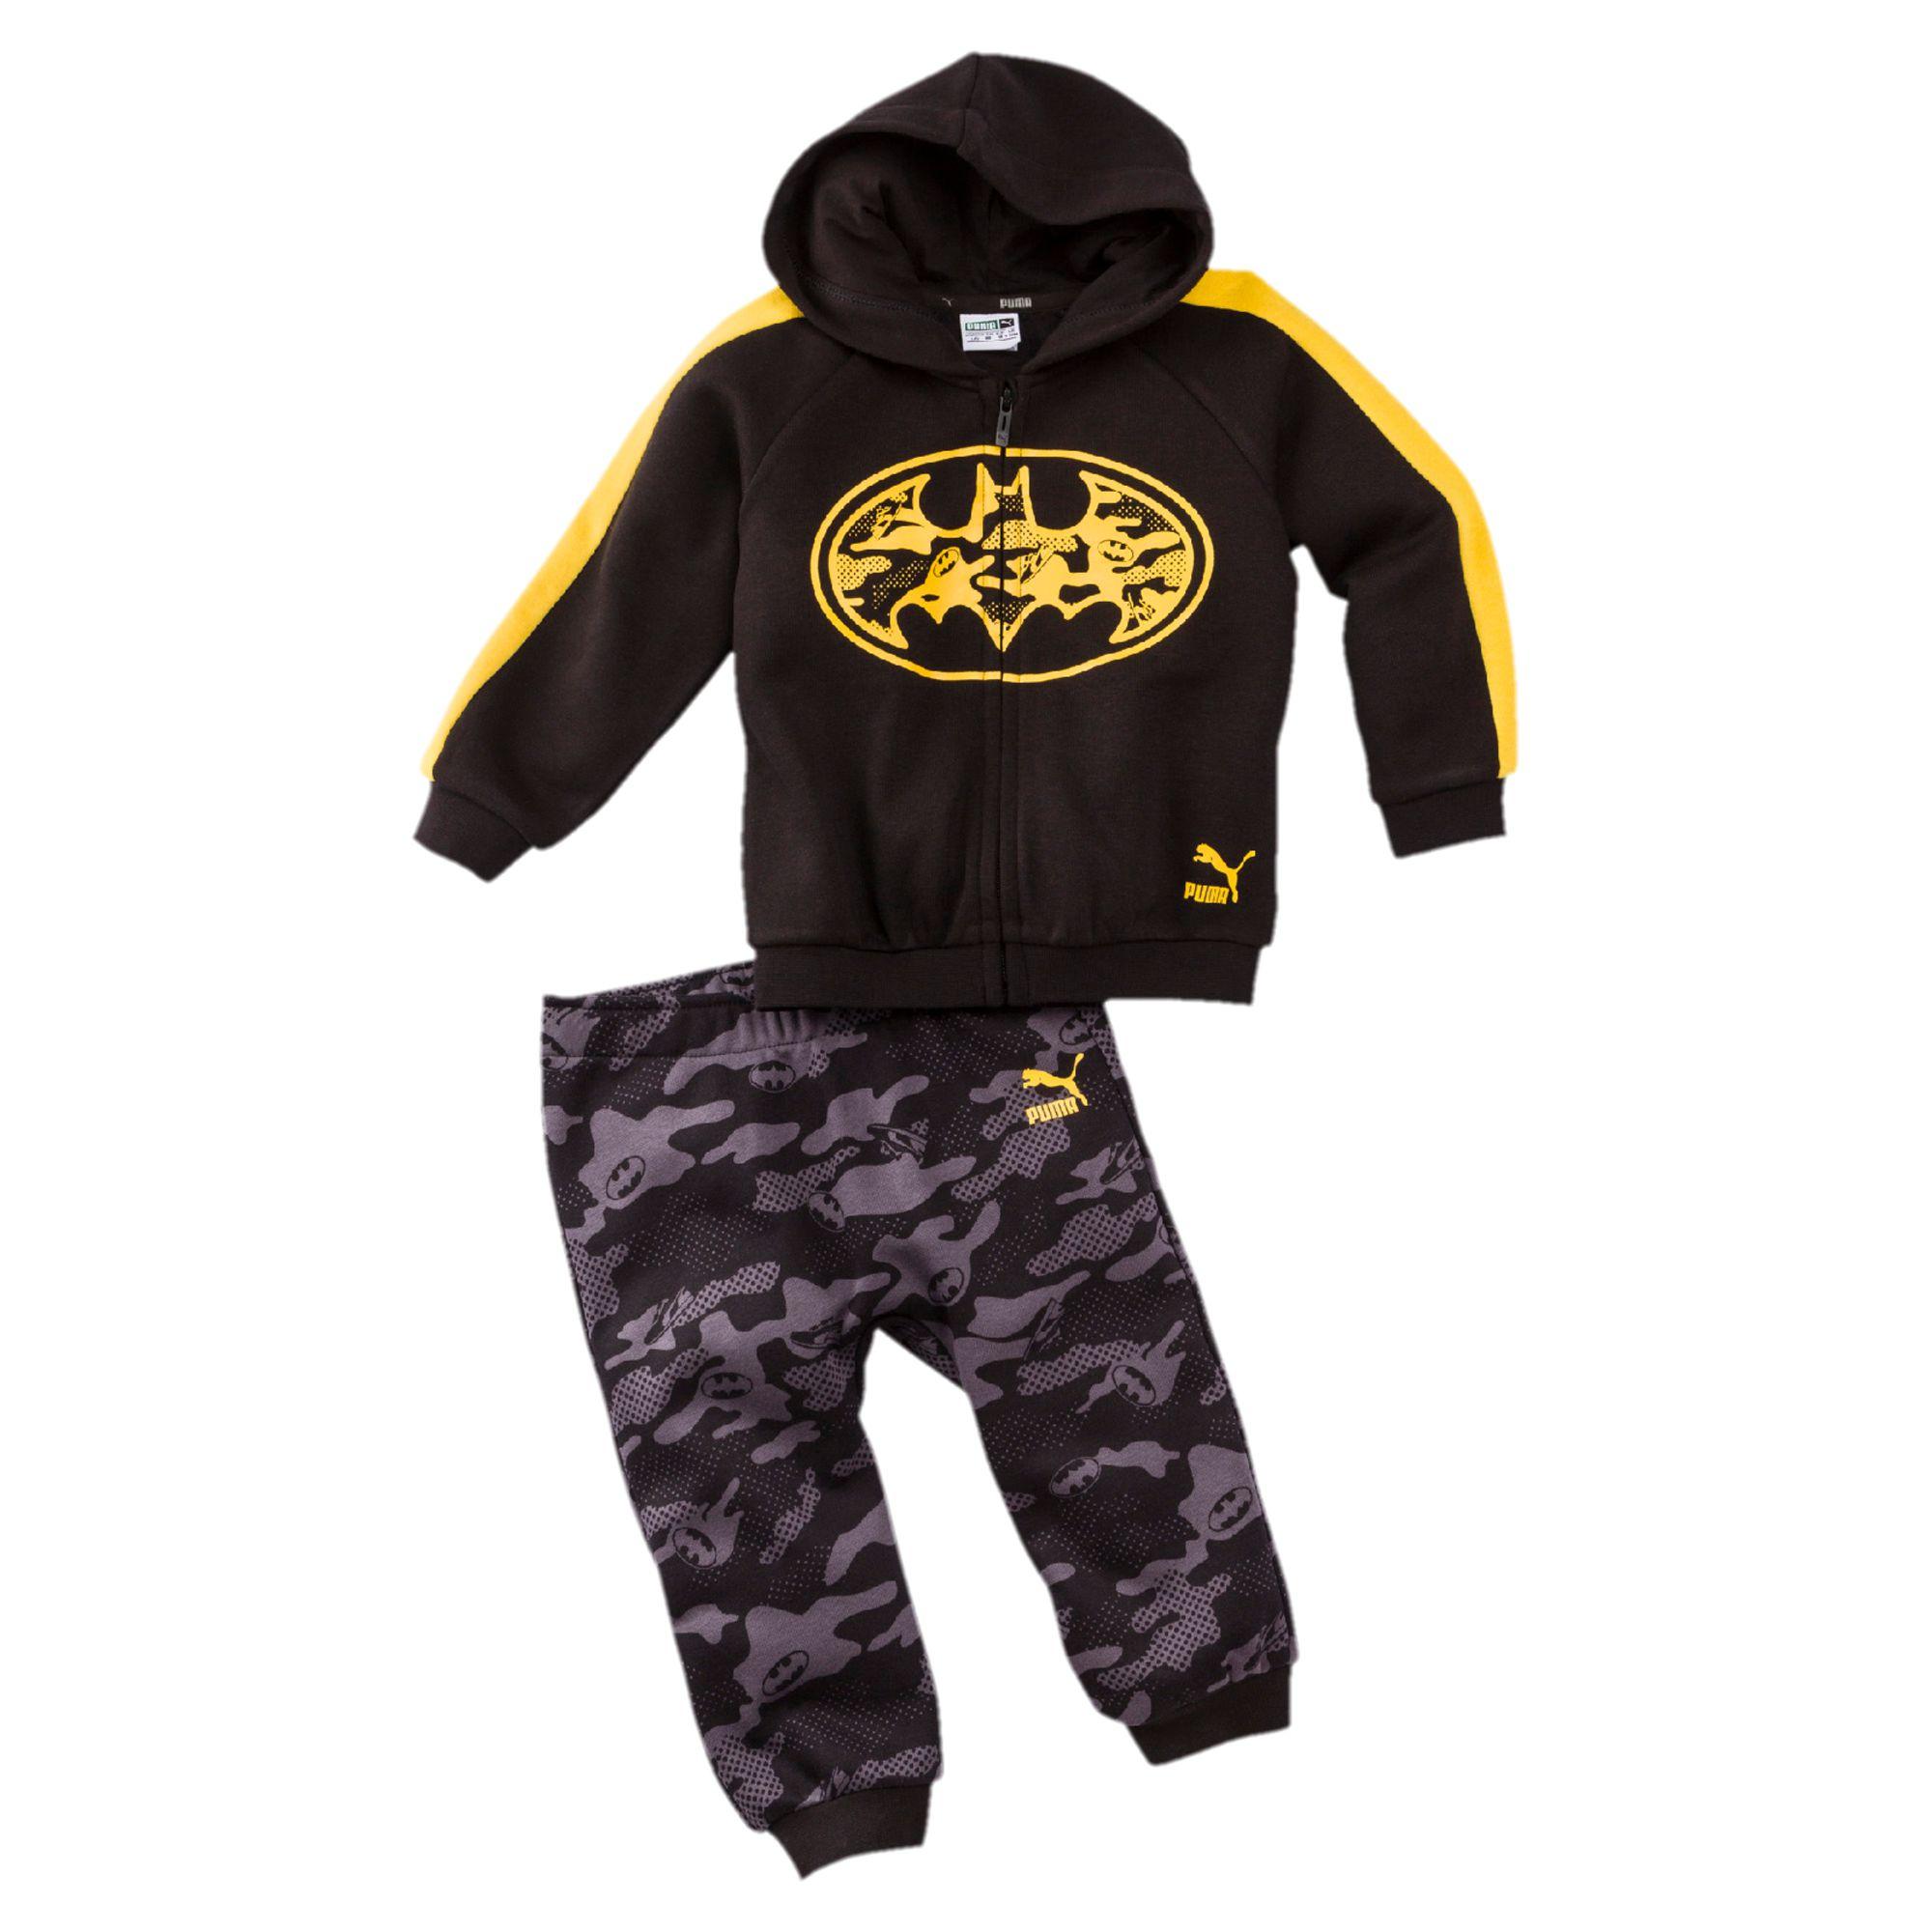 Лига справедливости детские спортивный костюм комплект с капюшоном